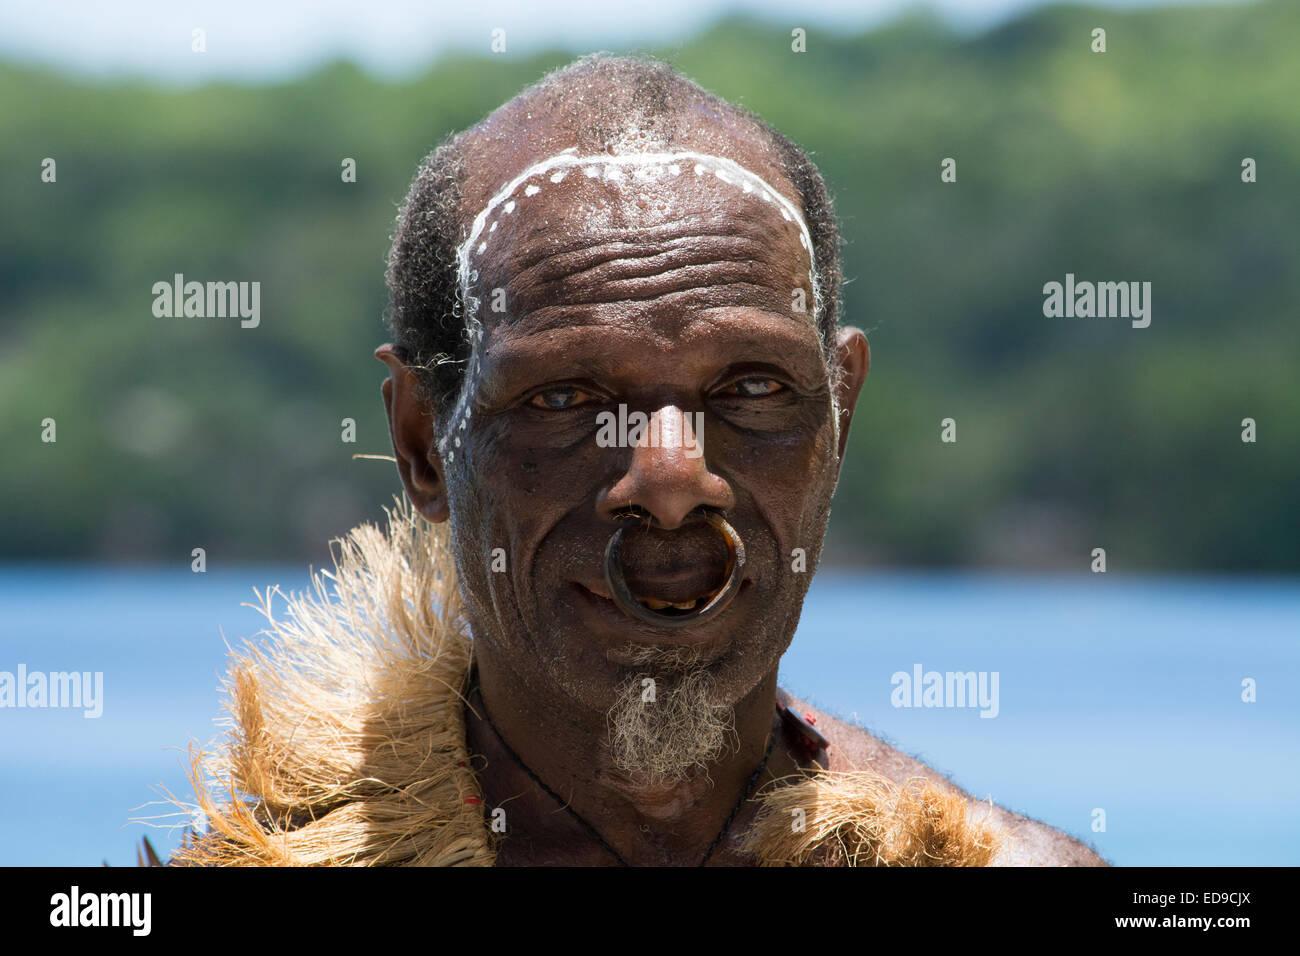 Melanesia, las Islas Salomón, la Isla Santa Cruz, Isla del grupo malo. Retrato de varón anciano del poblado en trajes Foto de stock